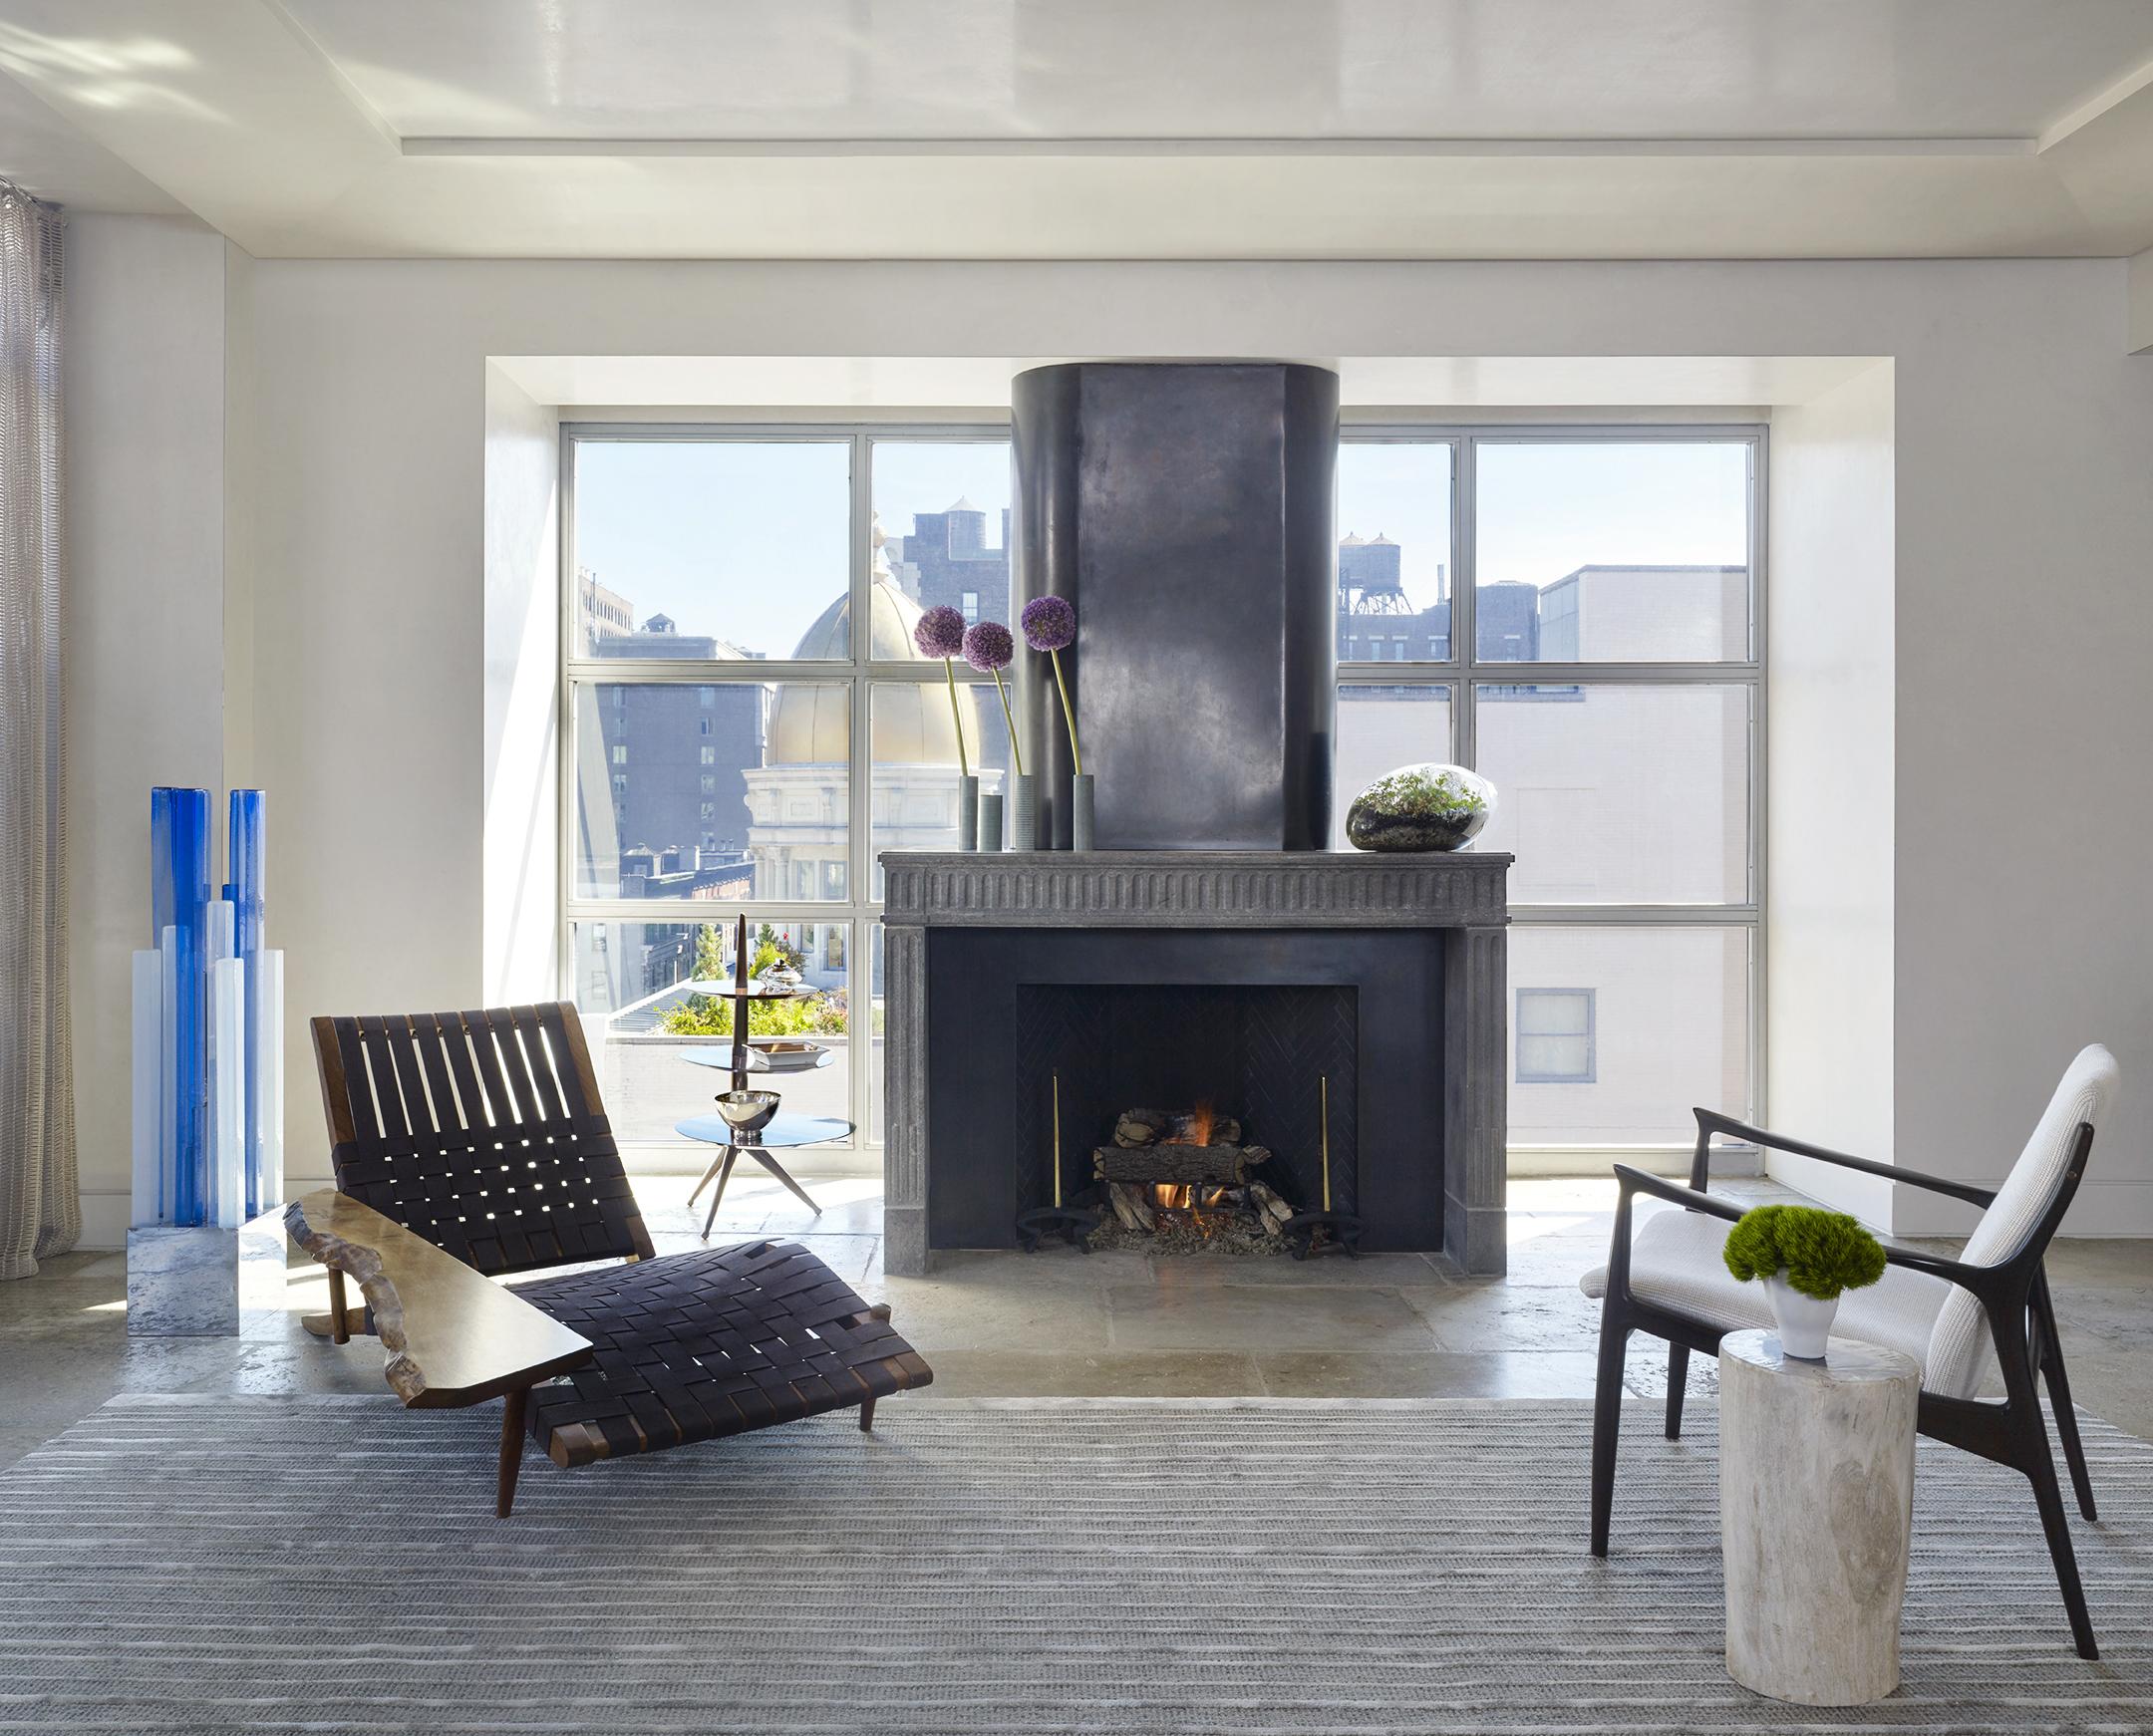 LUXE_121 W21_Living Room_1_CROP_photo Peter Murdock.jpg